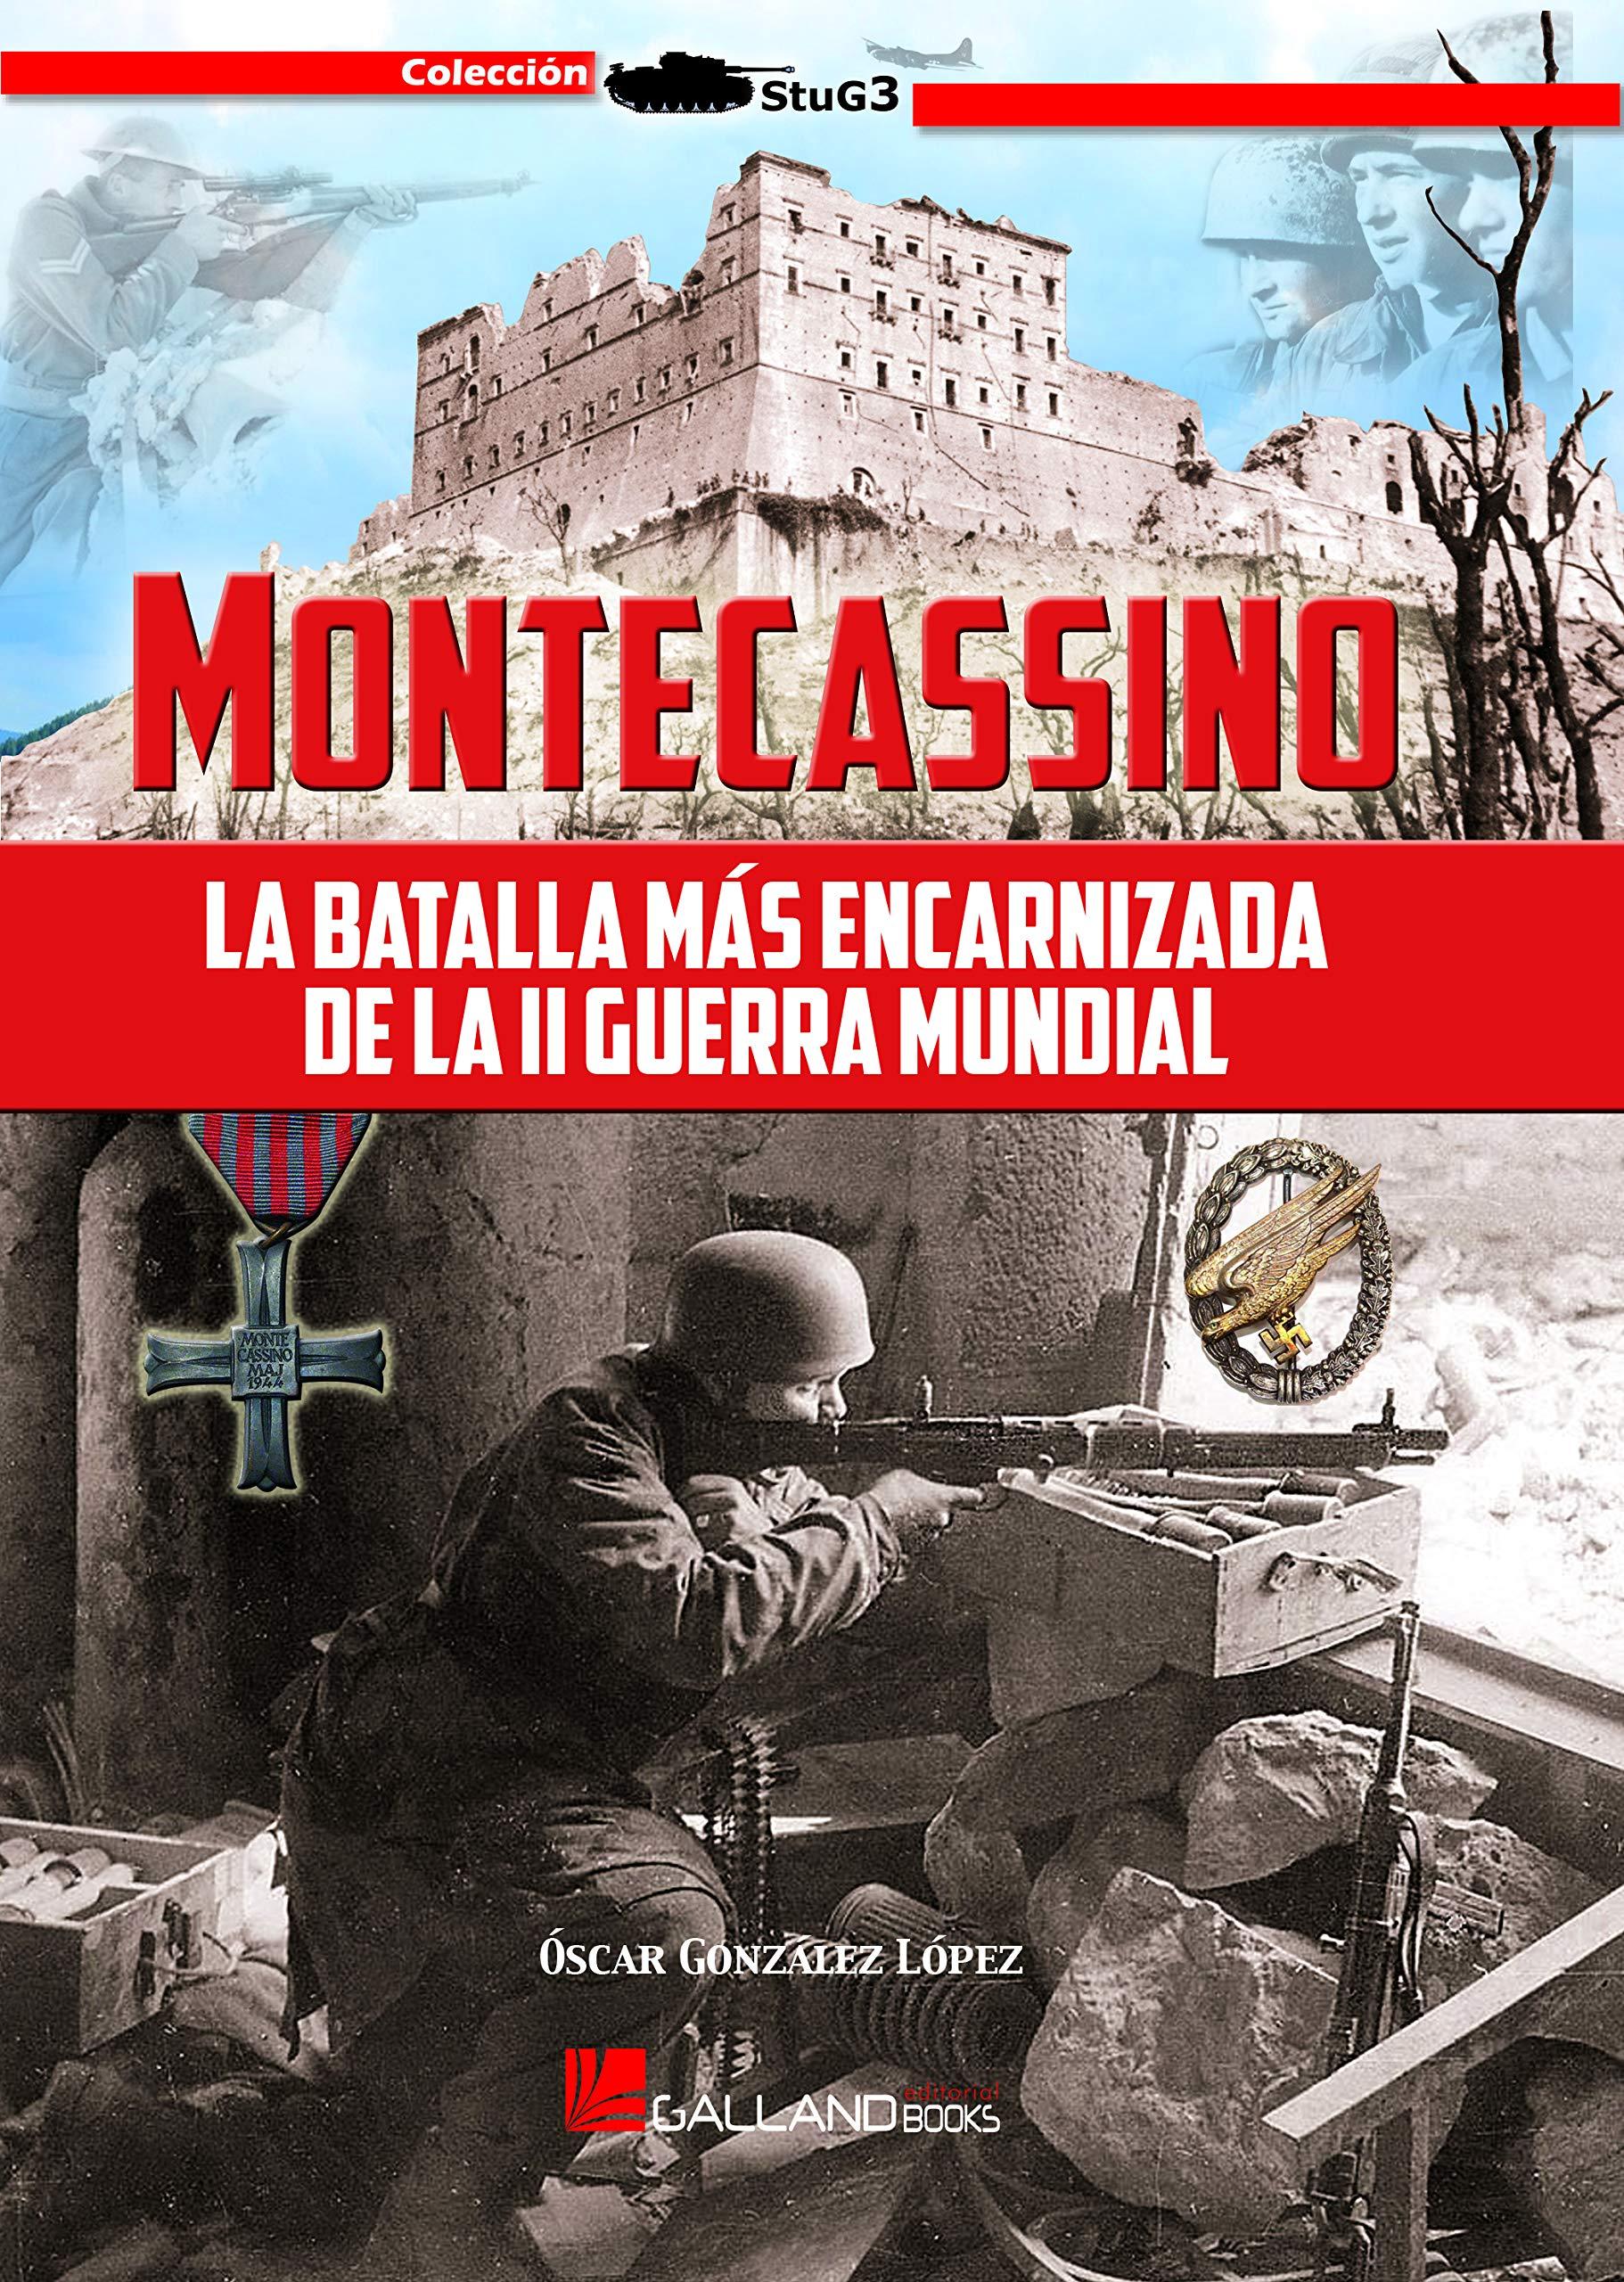 Montecassino: La batalla más encarnizada de la Segunda Guerra Mundial.: 0000000000000000 StuG3: Amazon.es: González López, Óscar: Libros